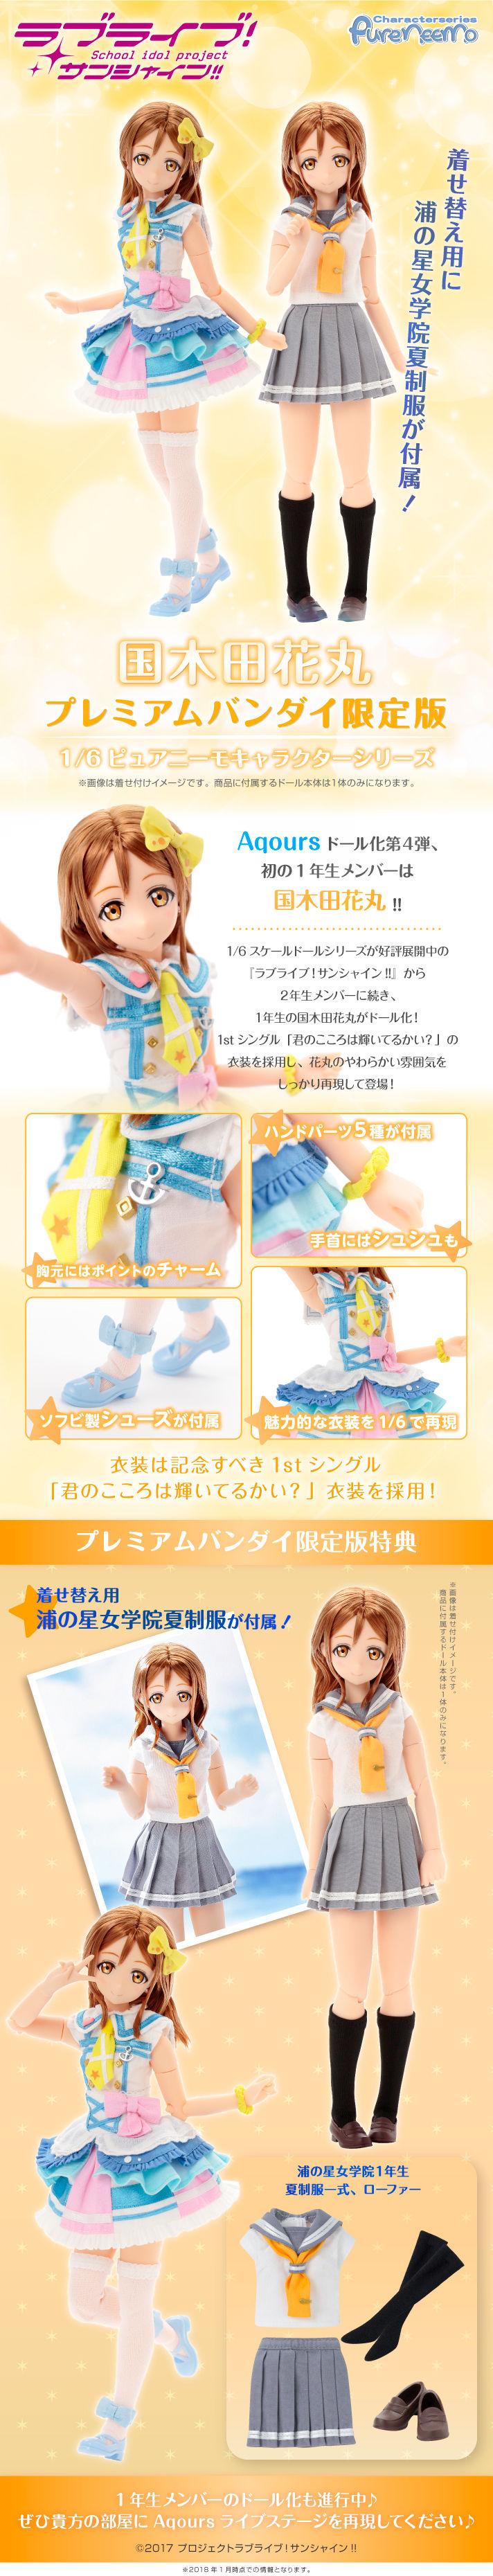 1/6 ピュアニーモ キャラクターシリーズ No.106 ラブライブ!サンシャイン!! 国木田花丸-009